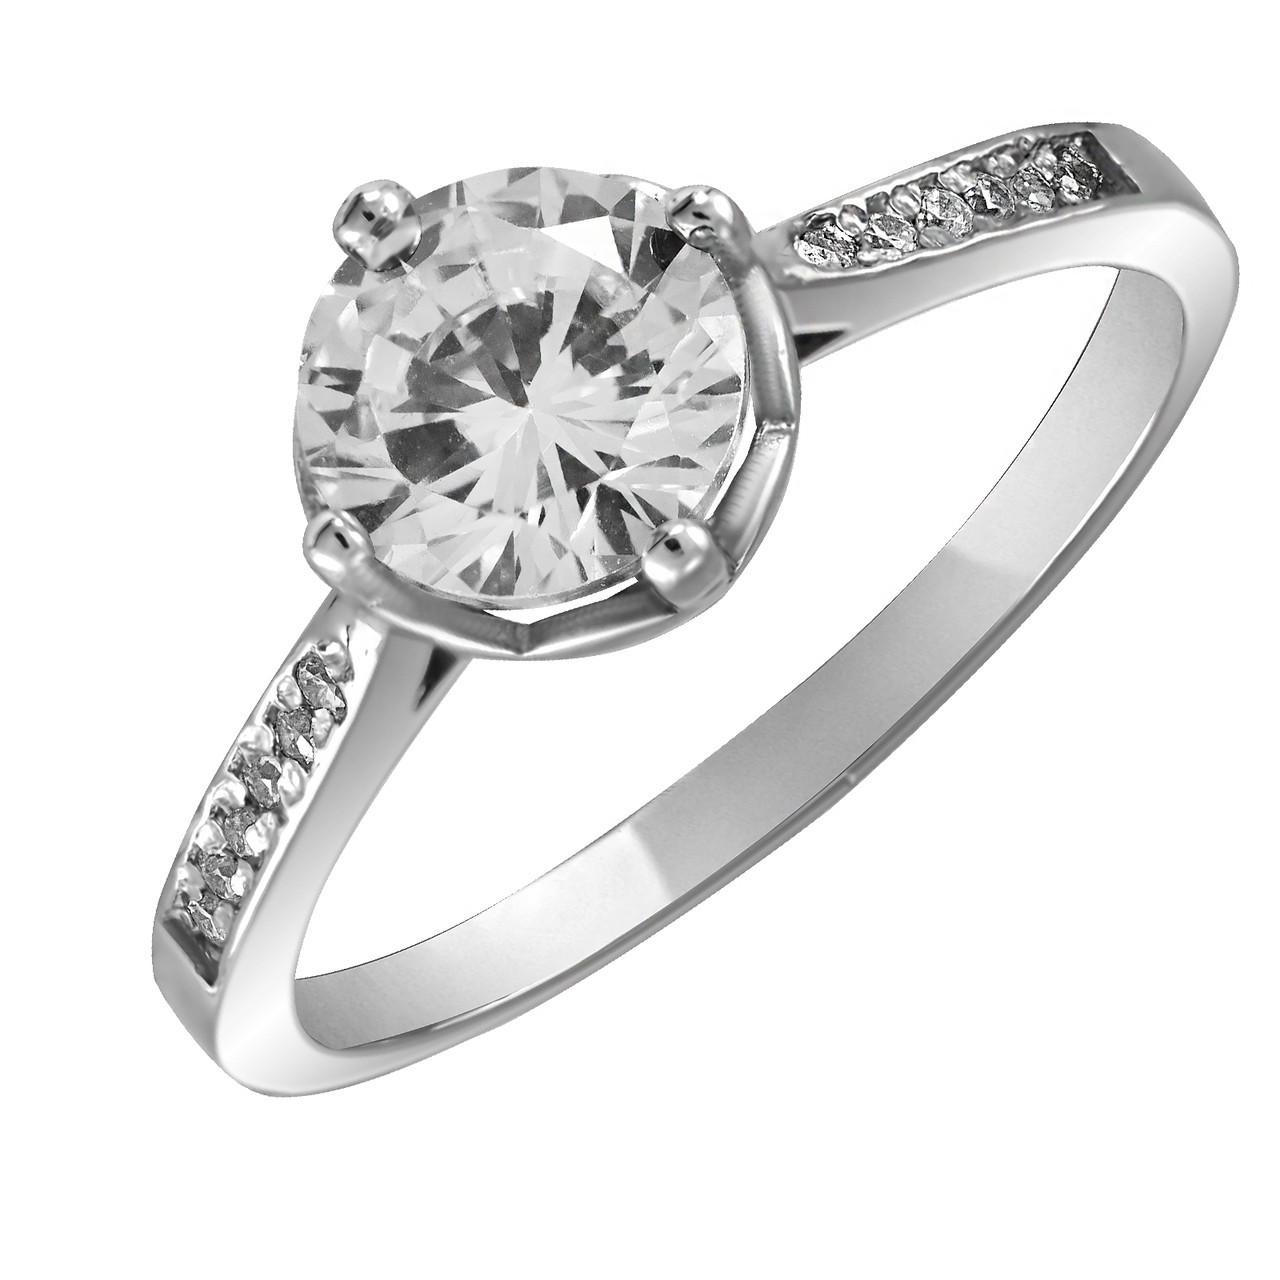 Кольцо из серебра с кубическим цирконием Twiddle Jewelry 19.5 размер (К016-19.5)